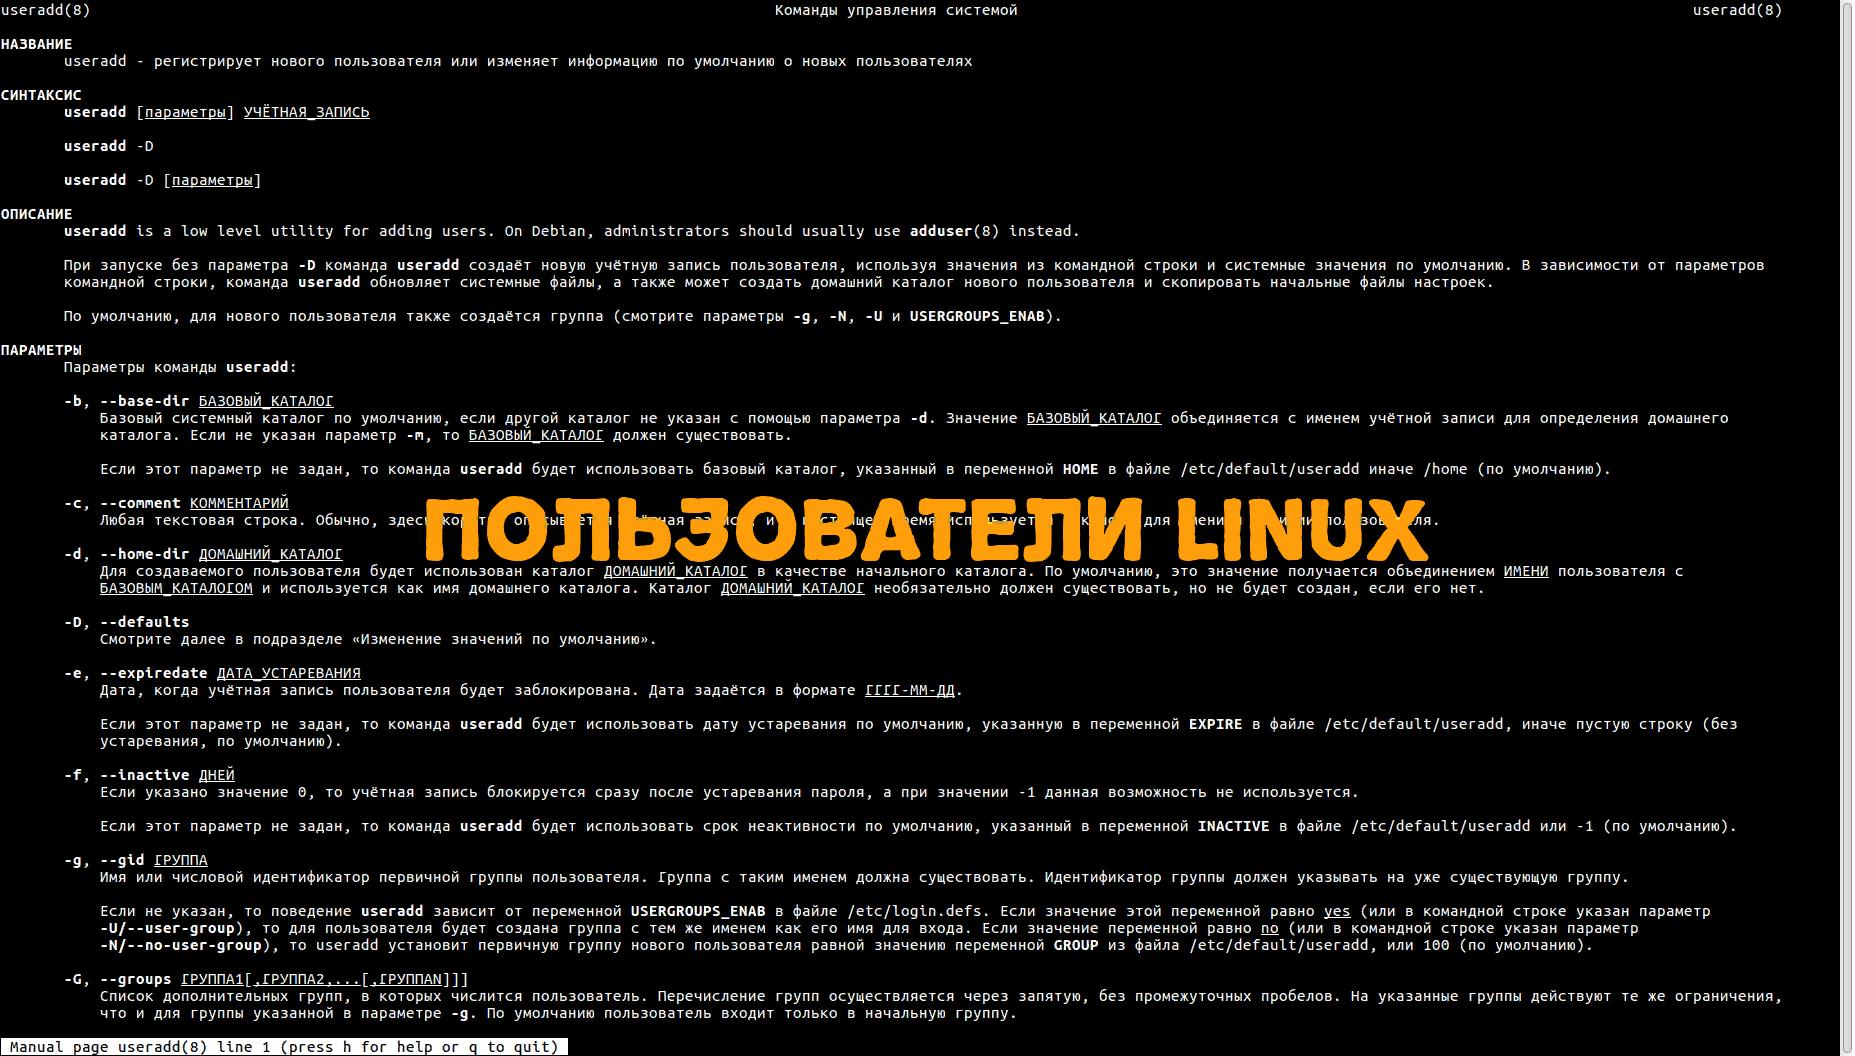 🍨 Bash скрипт для отправки почты, когда в системе создается новая учетная запись пользователя